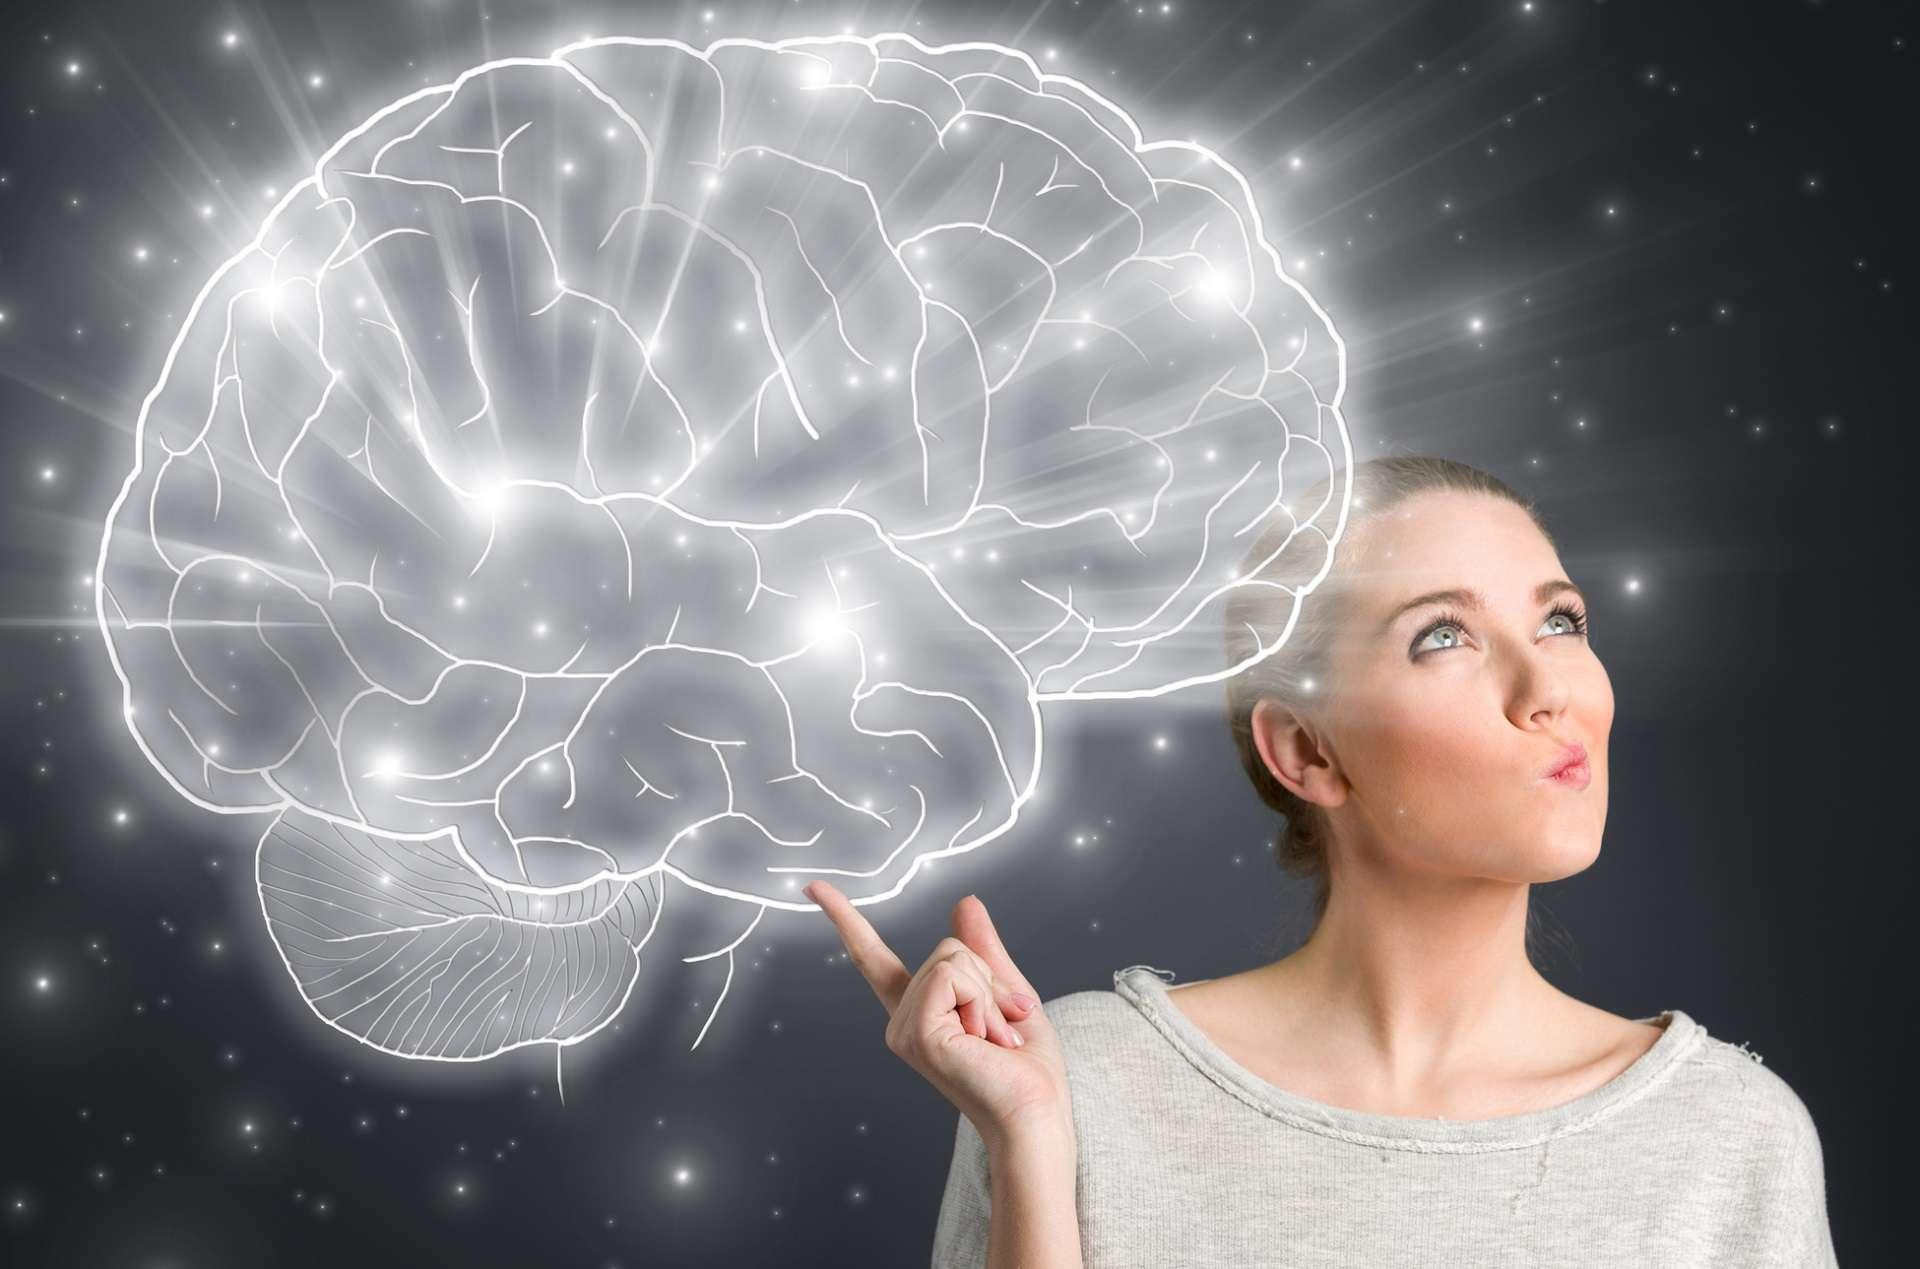 Картинки с интересными эффектами психологические